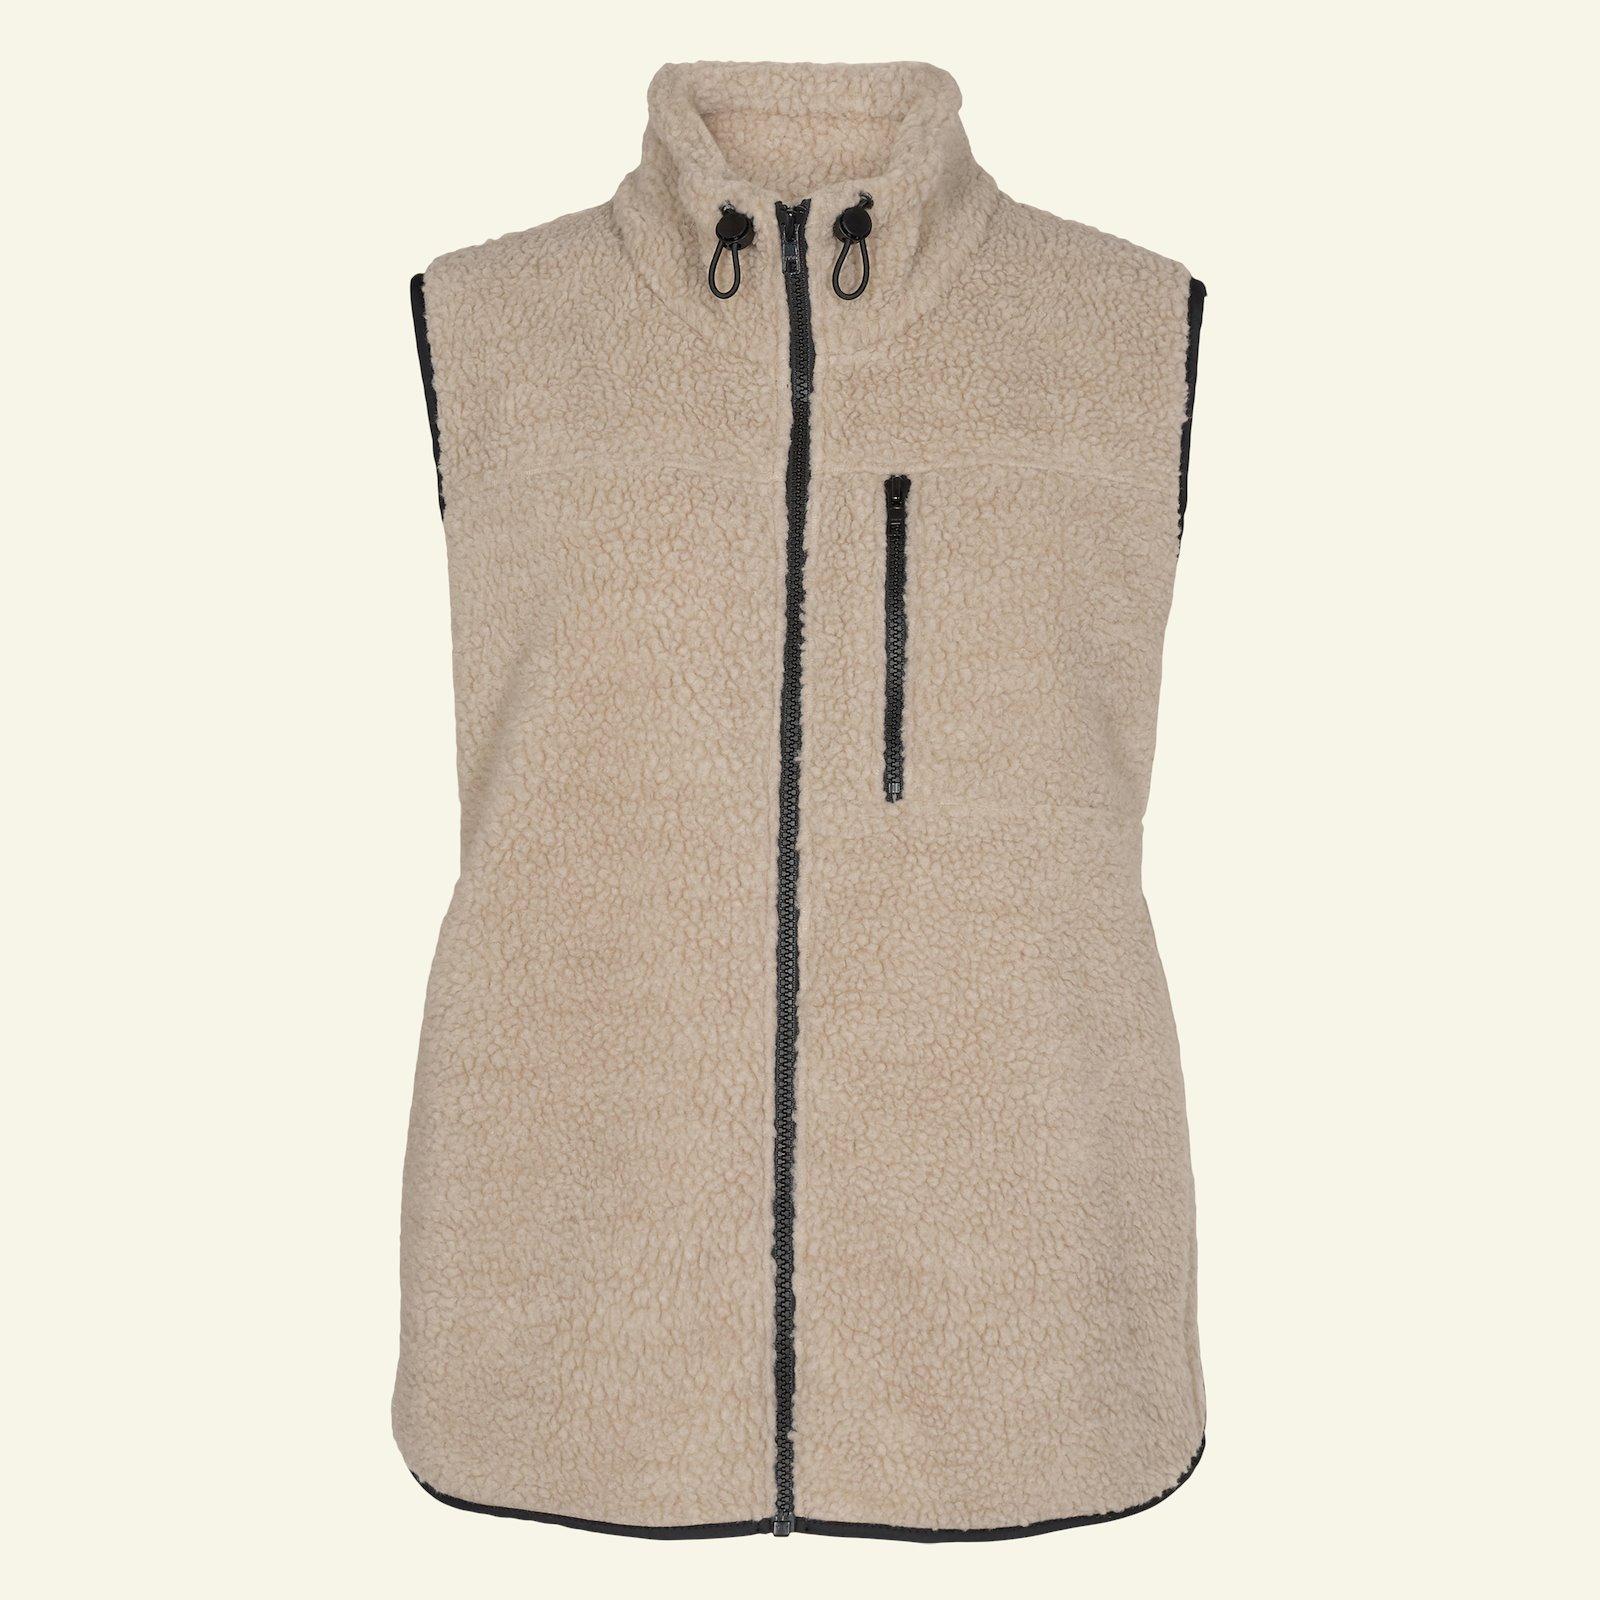 Jacket and waistcoat p24049_910273_271504_64080_sskit